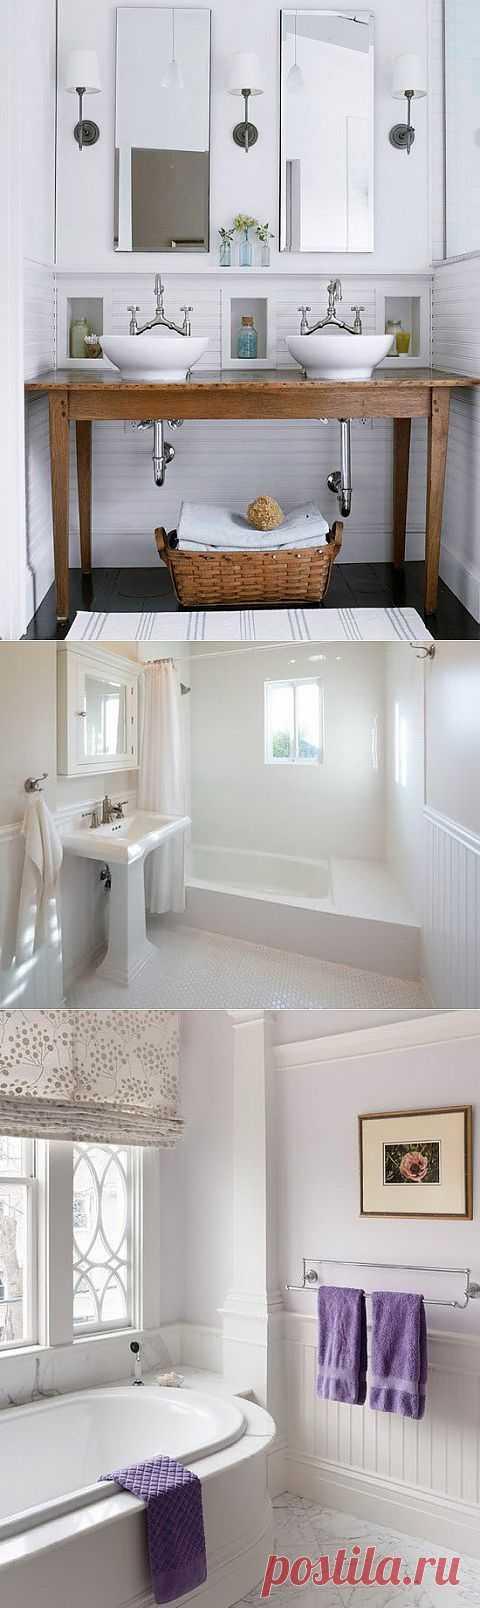 Пластиковые панели для ванной   МОЯ КВАРТИРА